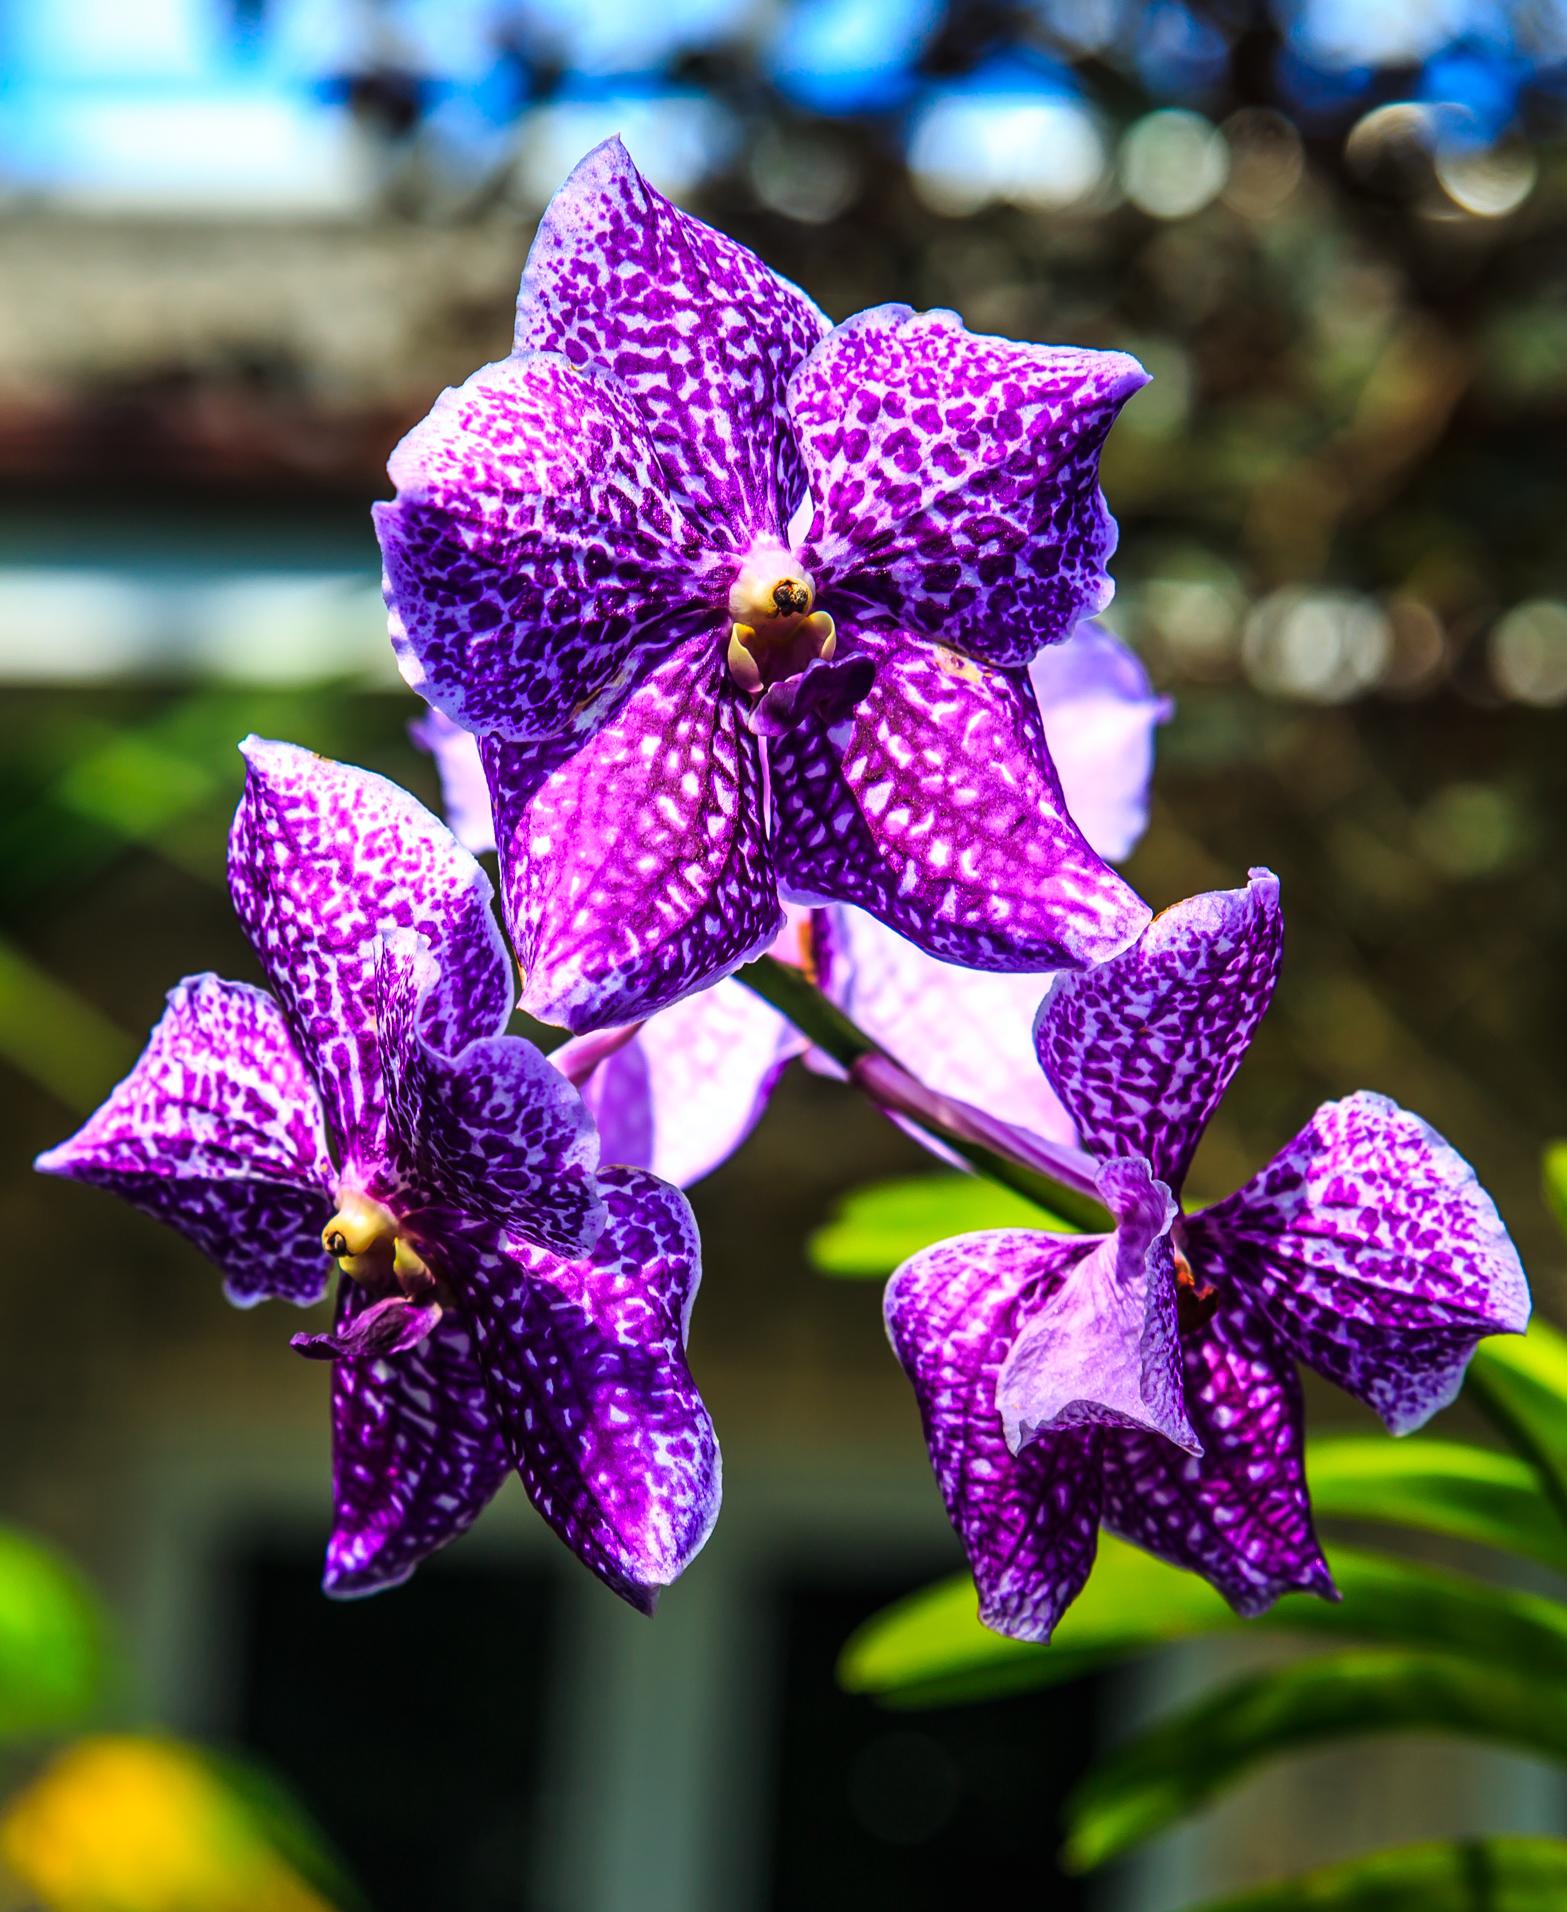 File:Miami   Fairchild Tropical Botanic Garden   In The Butterfly Garden  (12259858253)